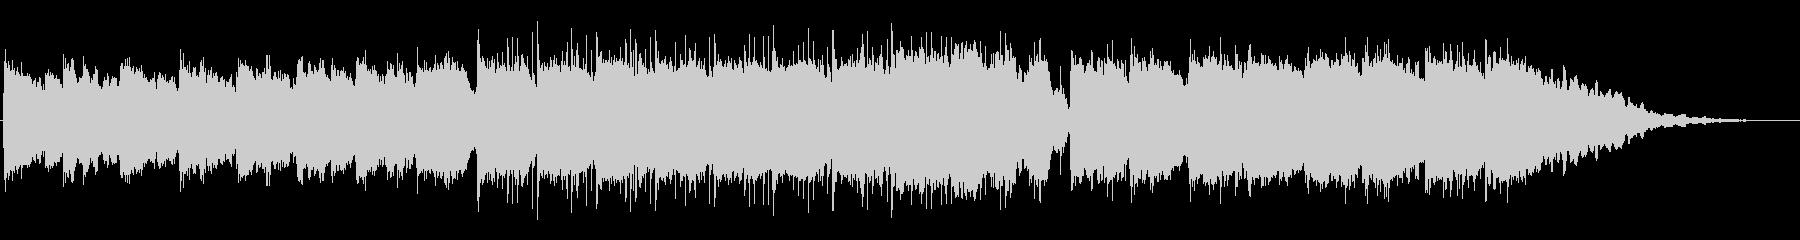 「啓蟄」をイメージした穏やかな曲の未再生の波形